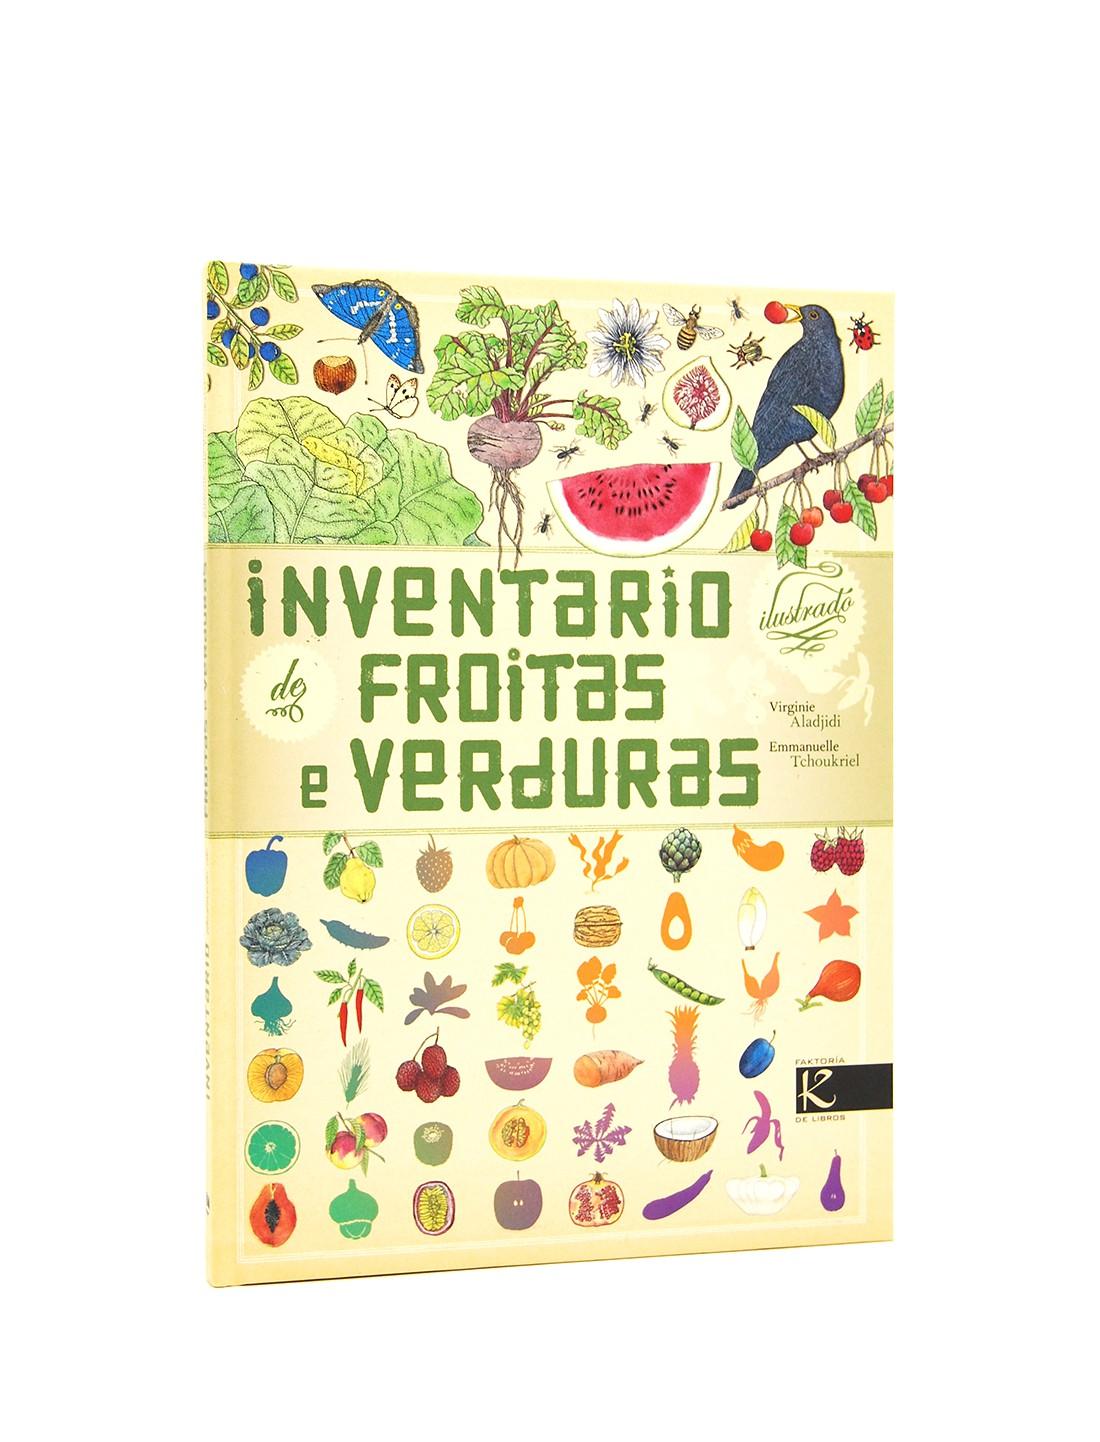 Inventario de Froitas e verduras